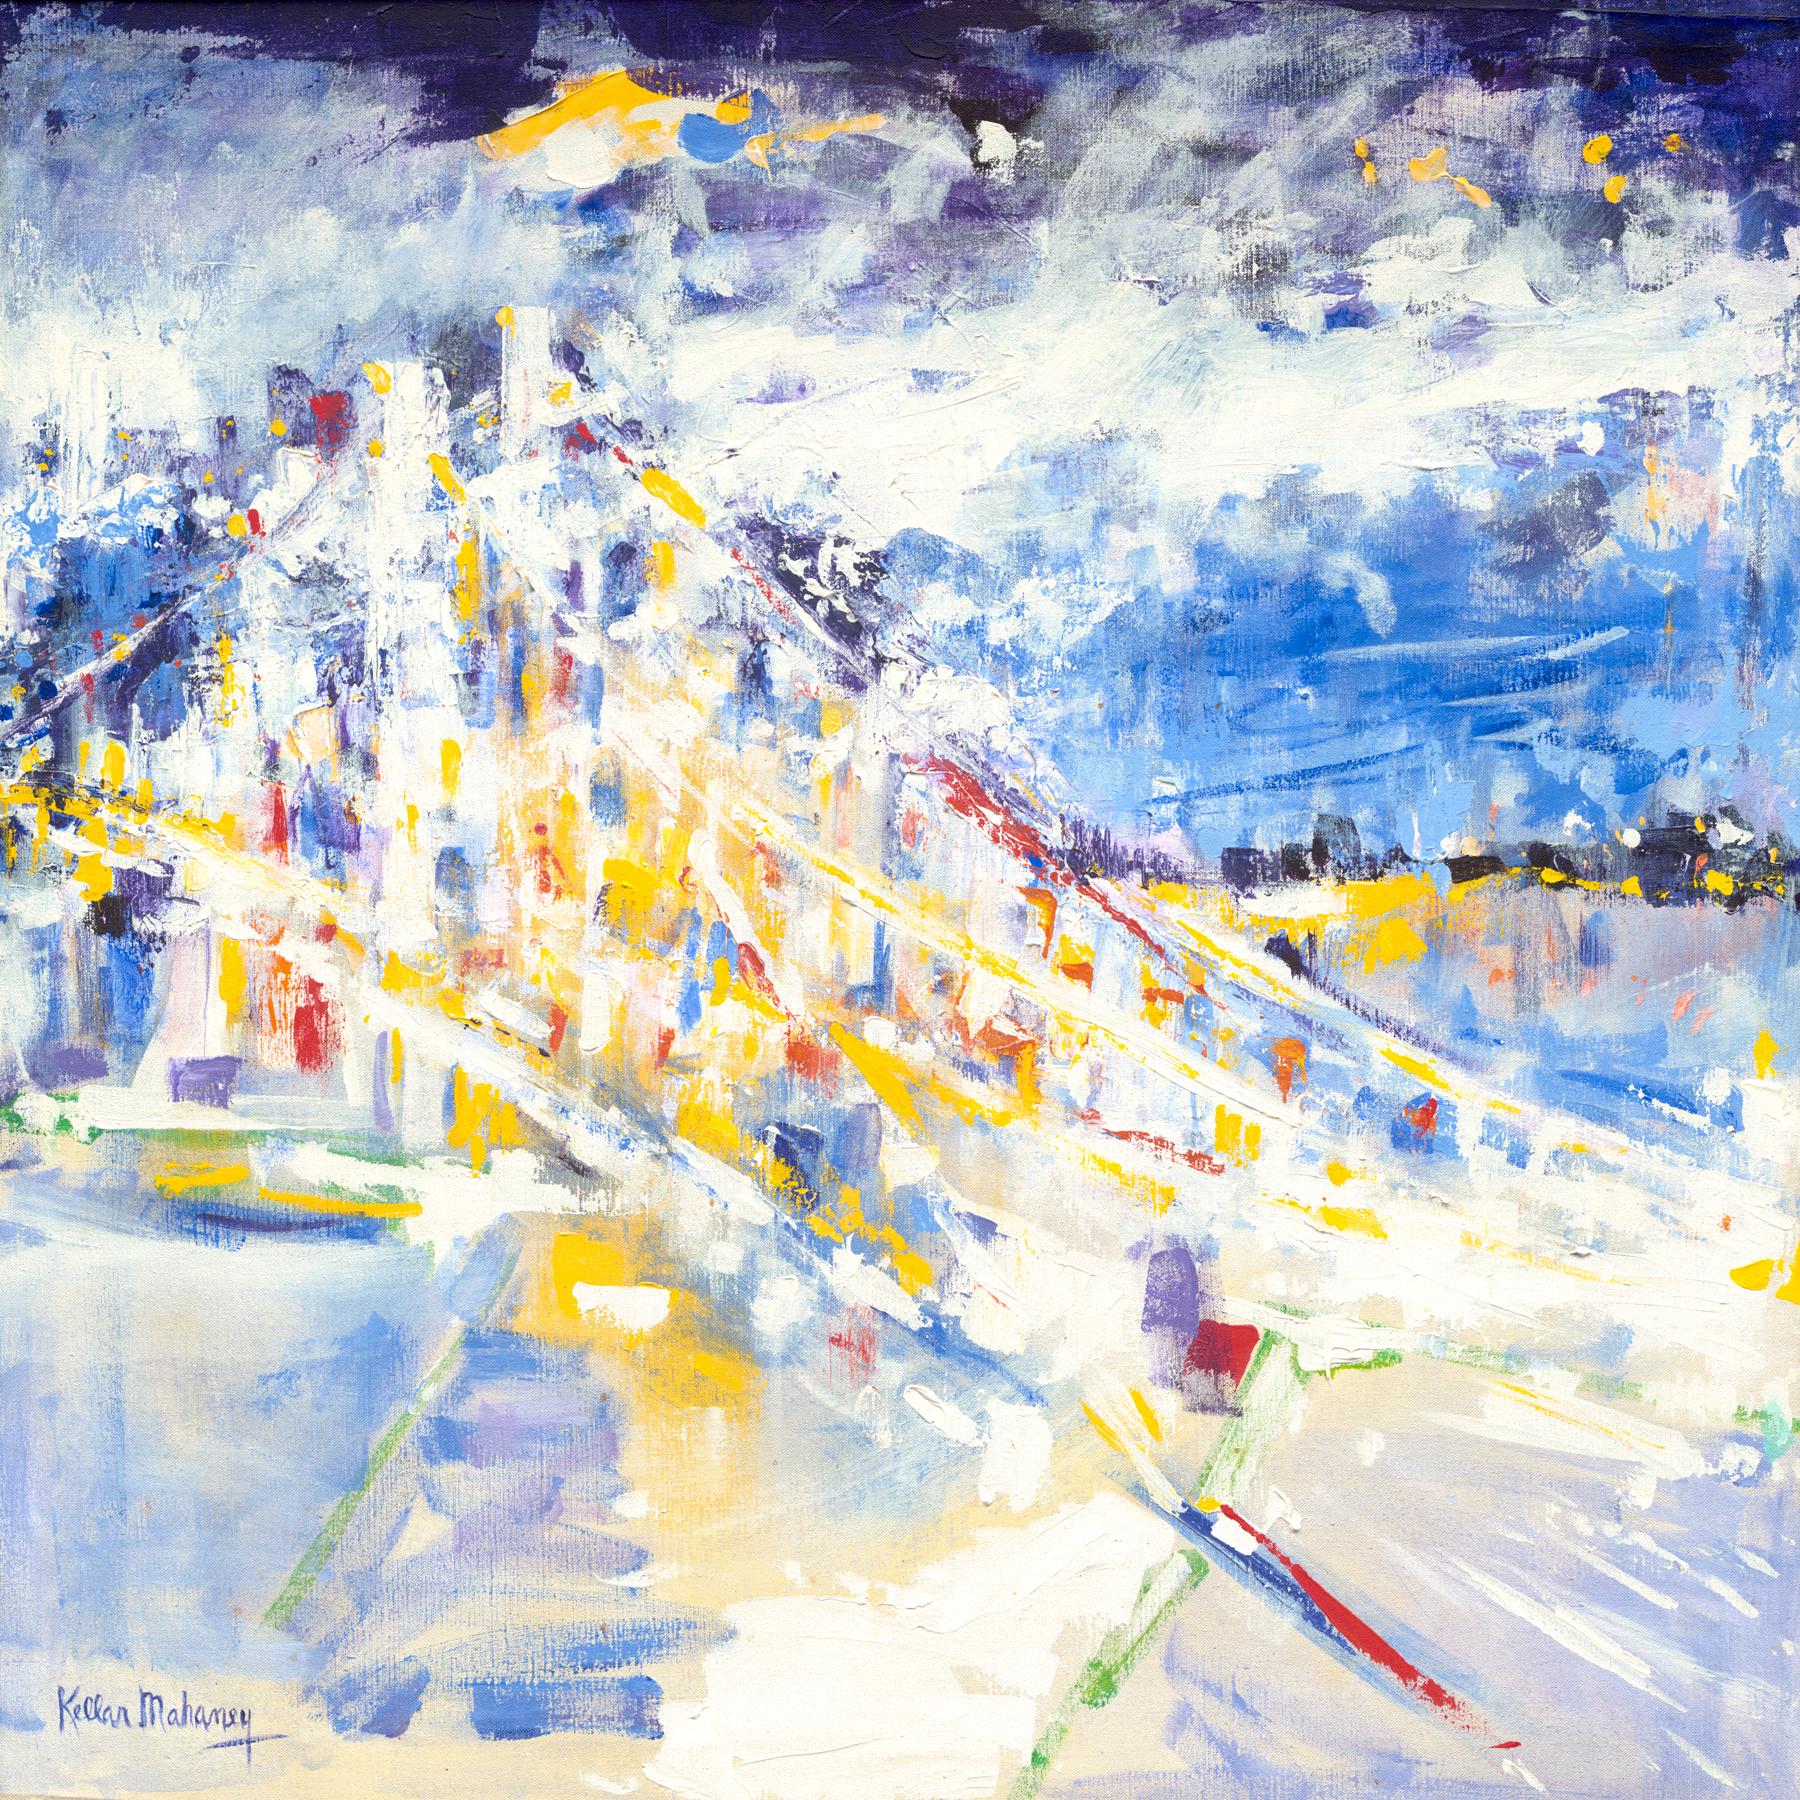 Onto the Bridge  (2002)